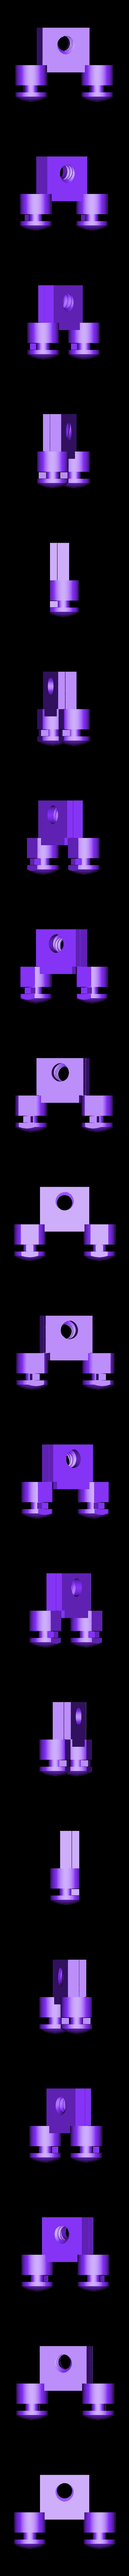 rear_bumper.stl Télécharger fichier STL Jeu de construction de locomotives de train miniature • Plan imprimable en 3D, kozakm